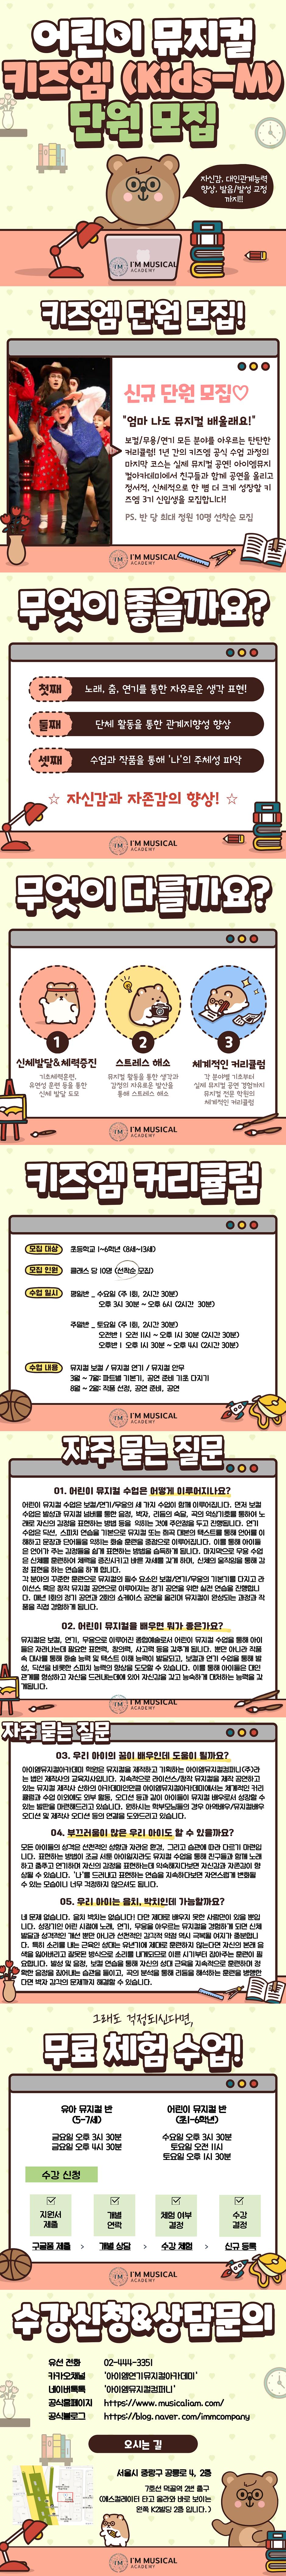 키즈엠3기_곰돌이ver..png